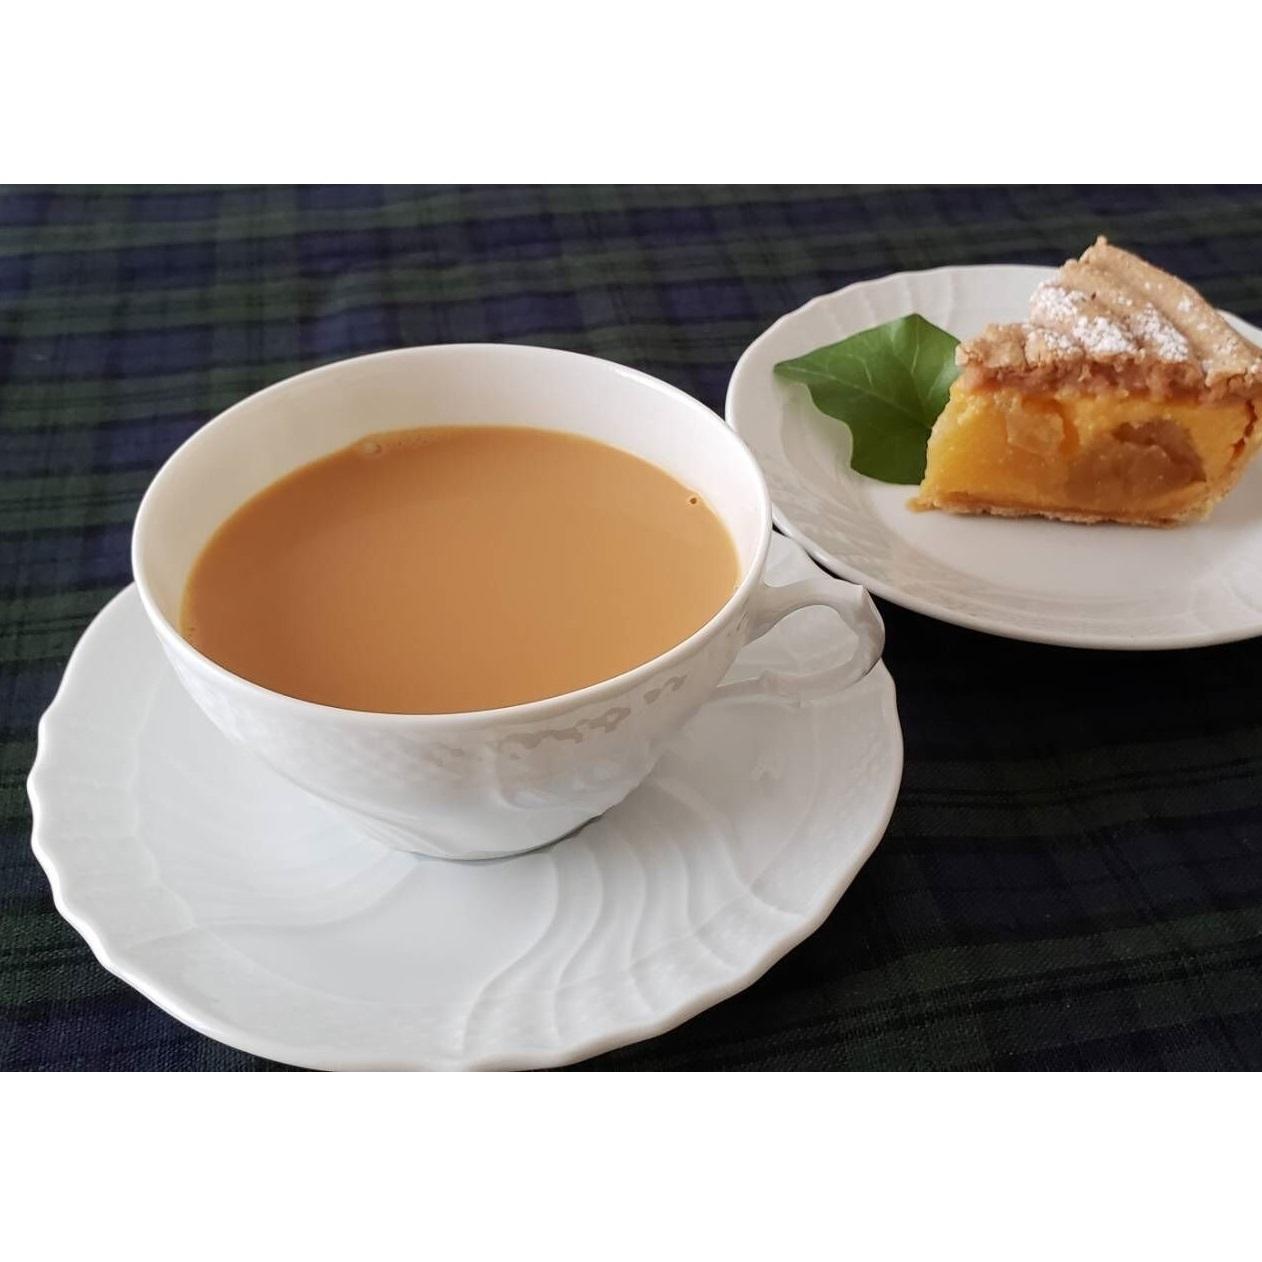 紅茶教室 Time for Tea ~ロイヤルミルクティーの淹れ方~